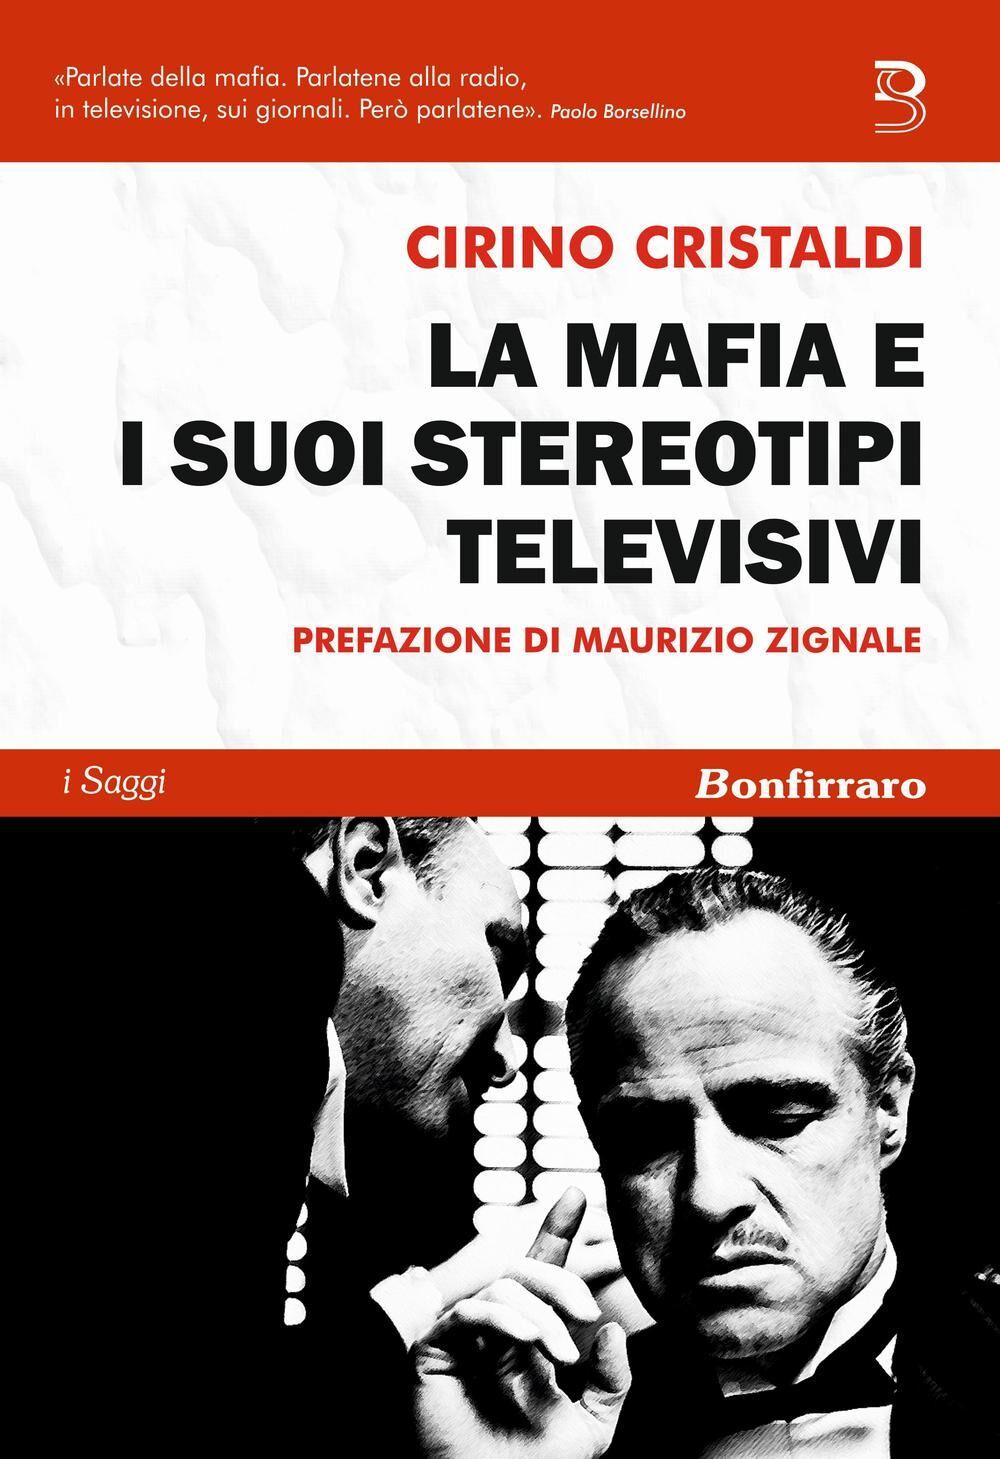 La mafia e i suoi stereotipi televisivi